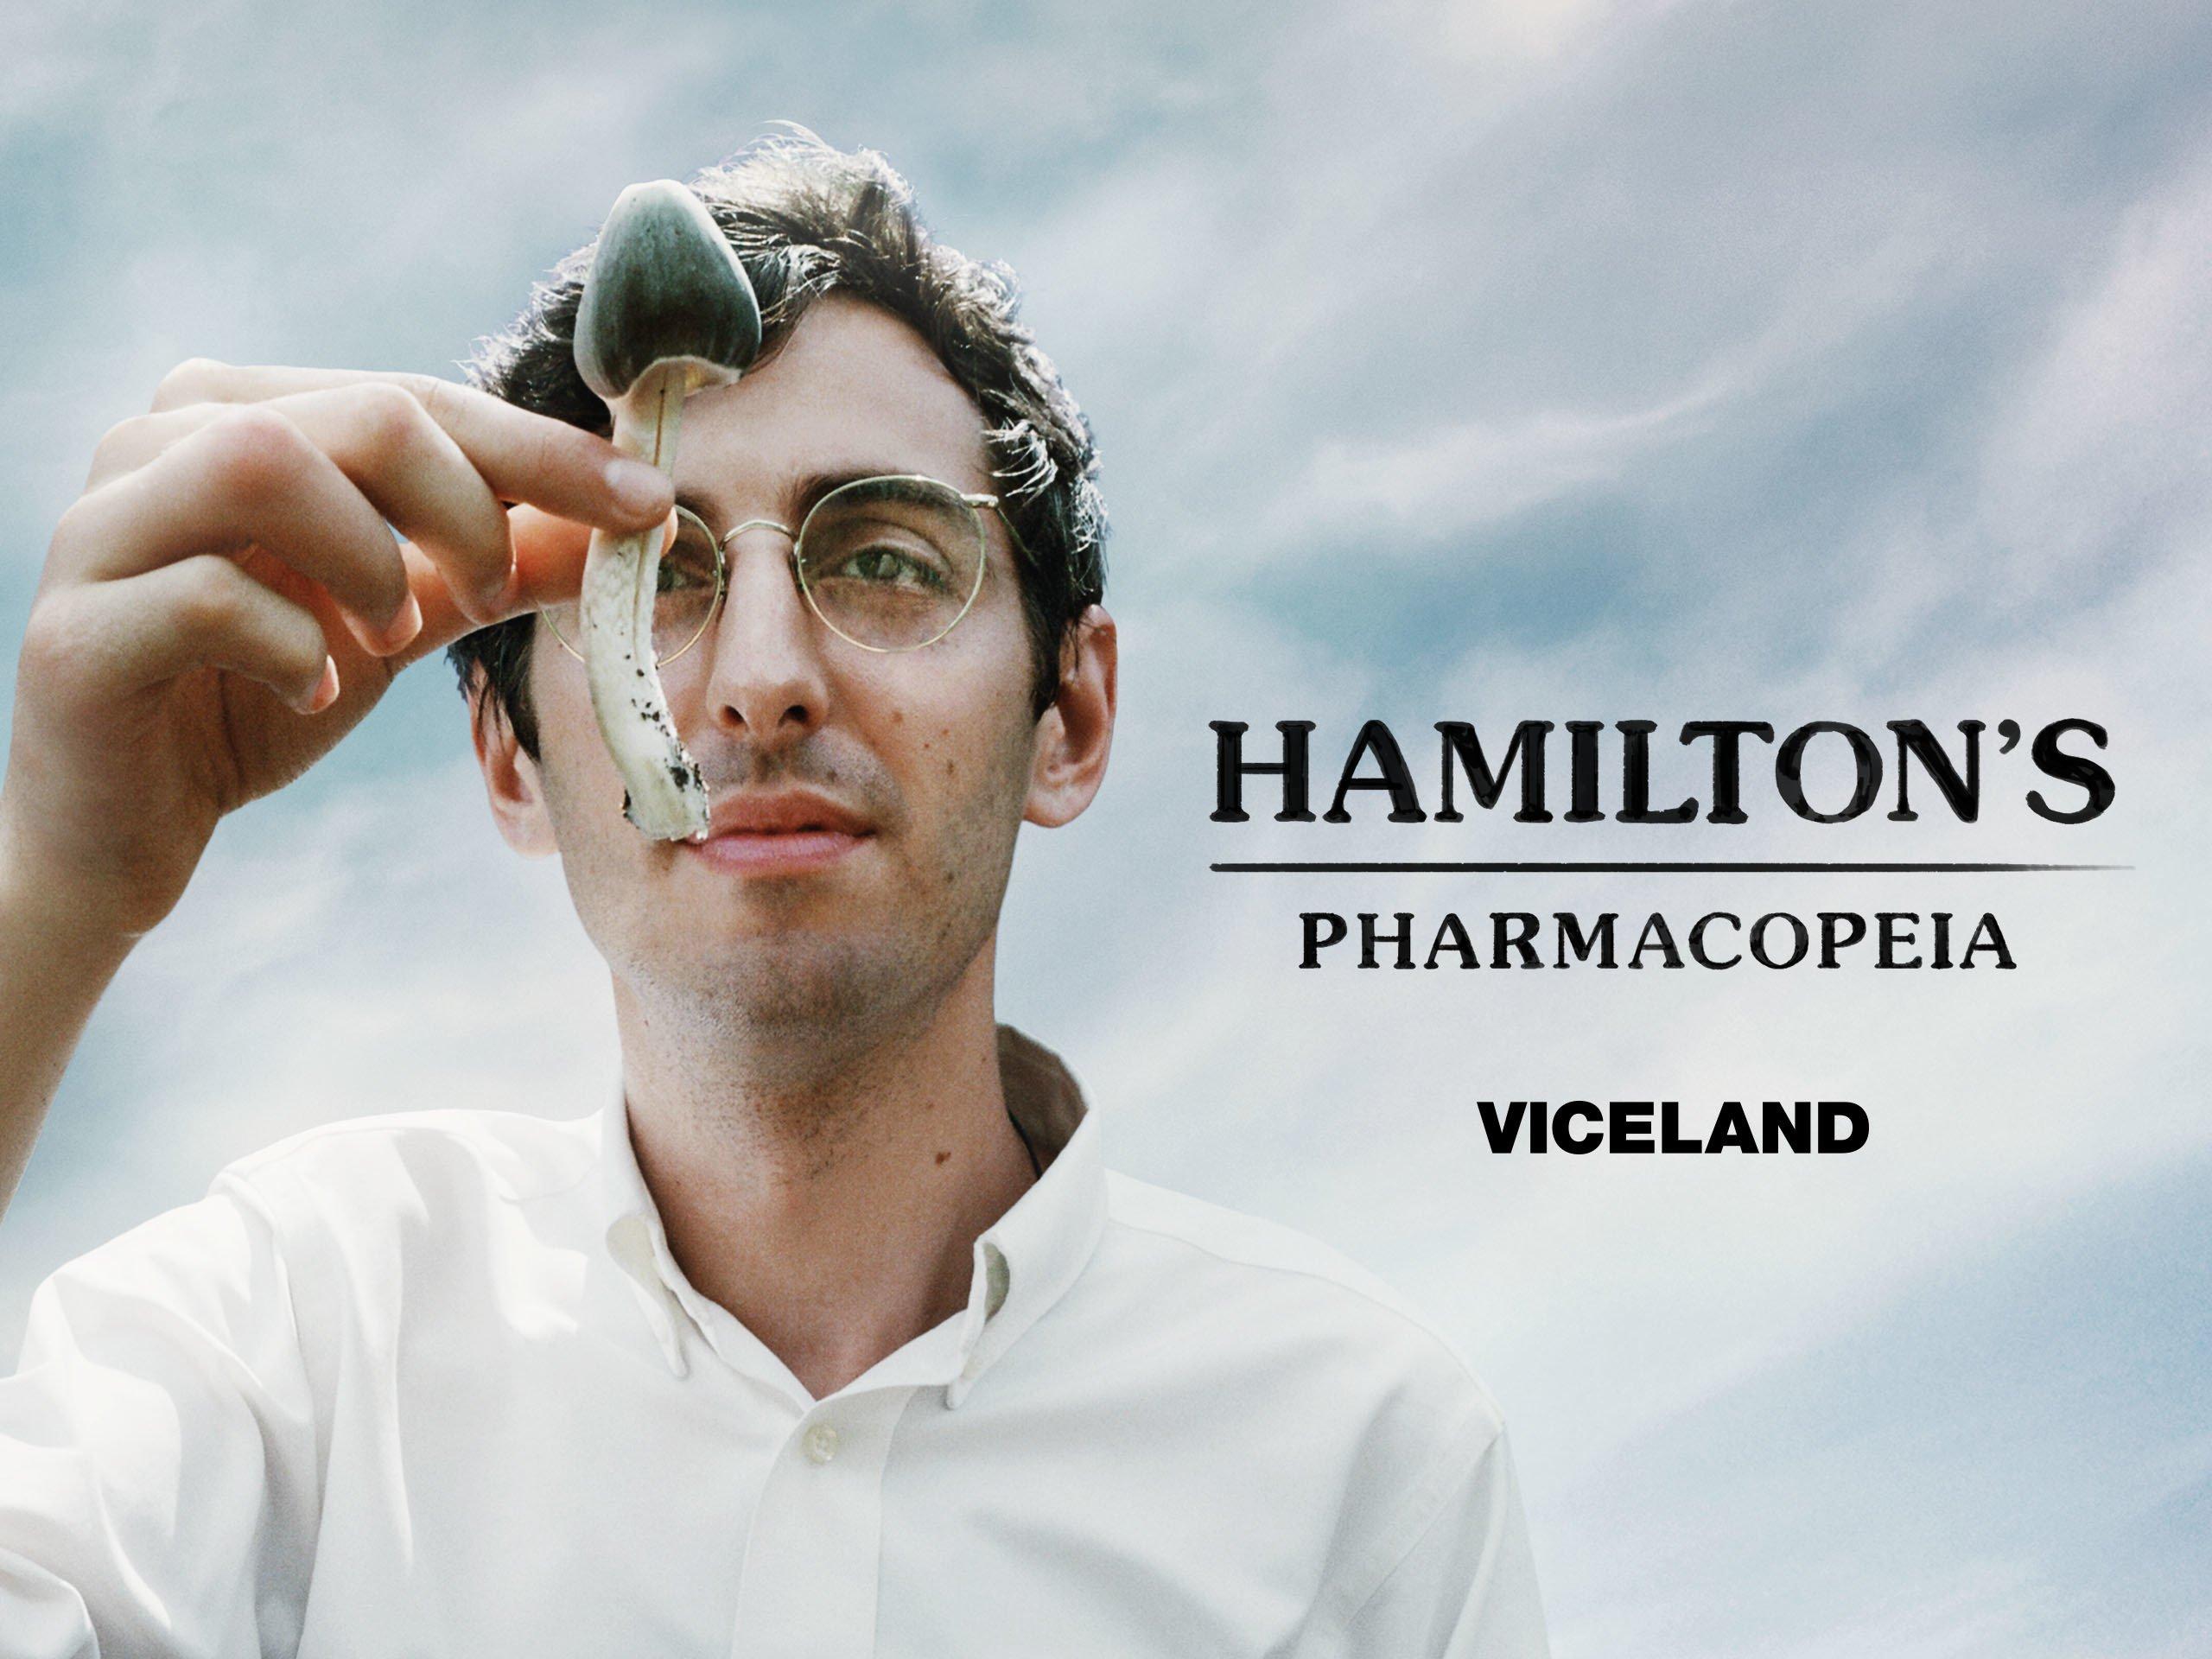 hamiltons pharmacopeia season 2 episode 5 free